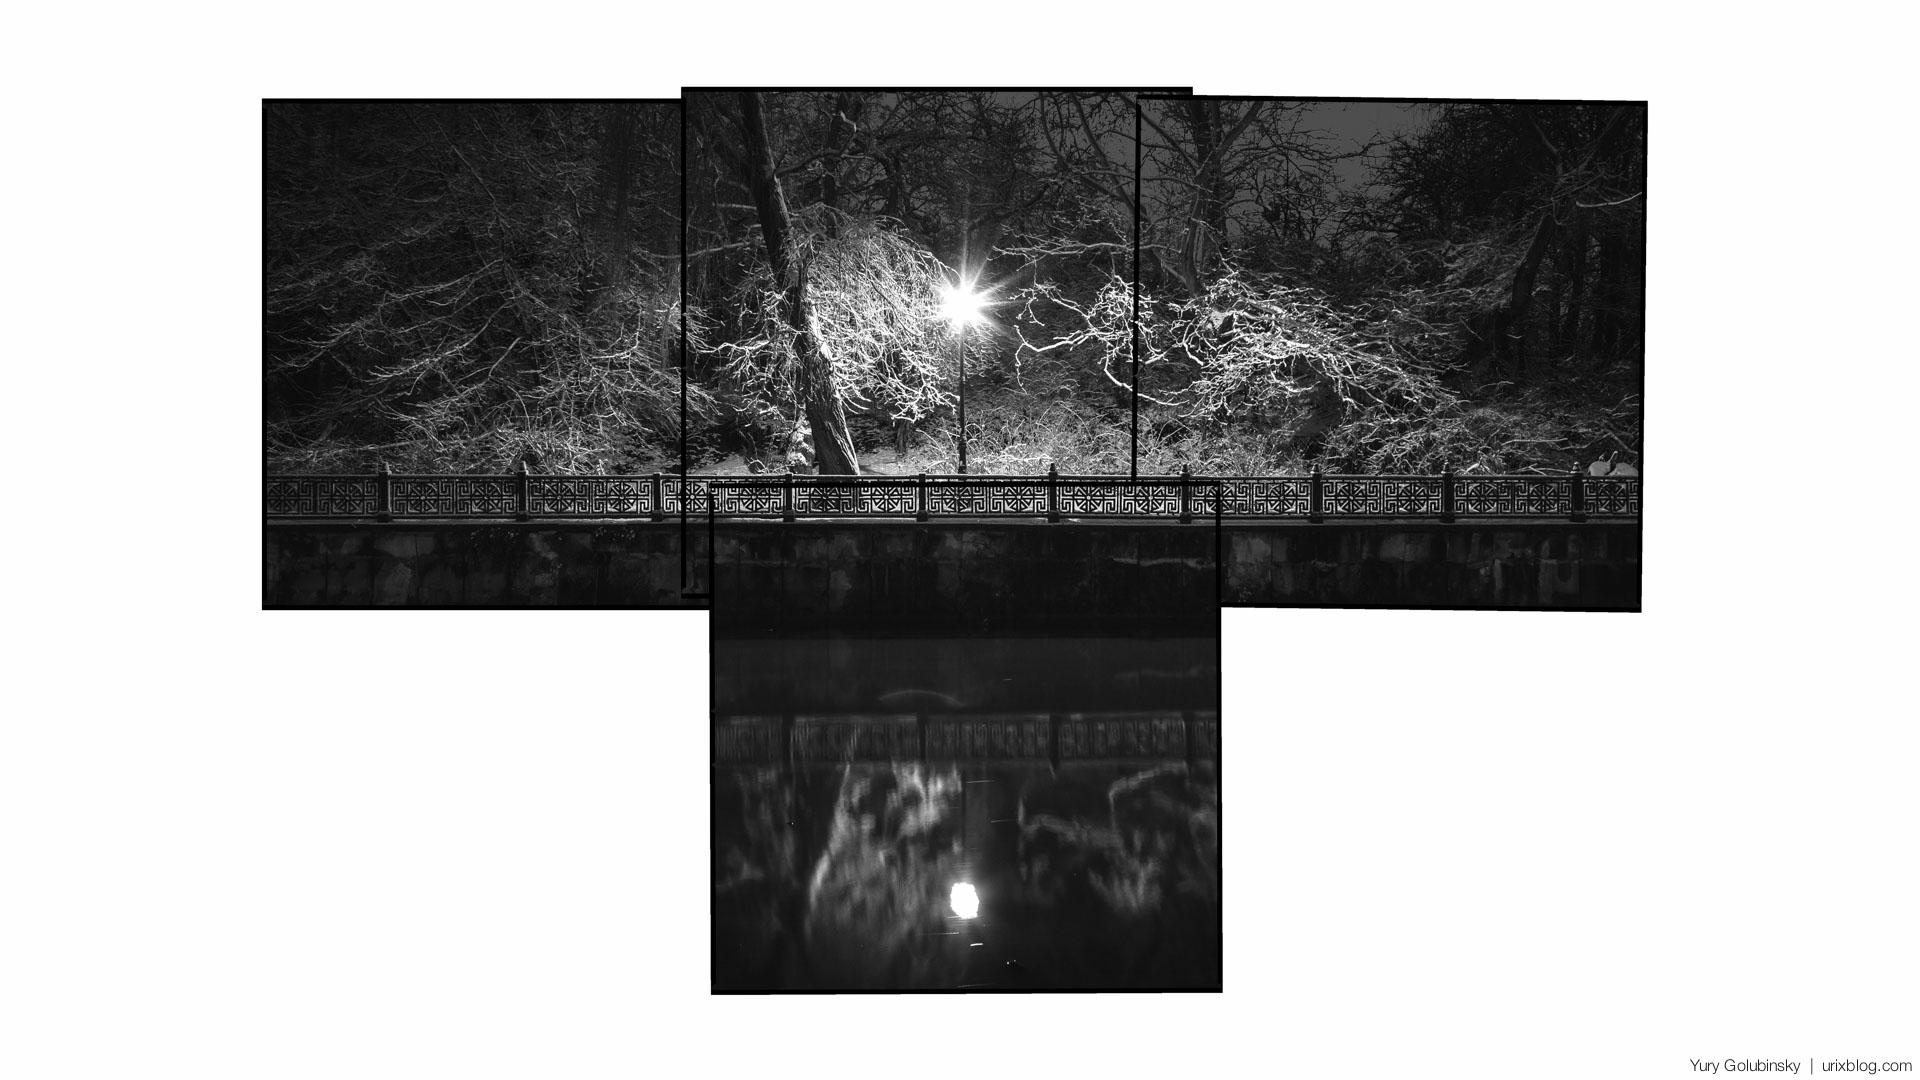 ночь, Симферополь, река Салгир, набережная, парк, Крым, Россия, зима, январь, снег, панорама, ЧБ, чёрно белое, 2015